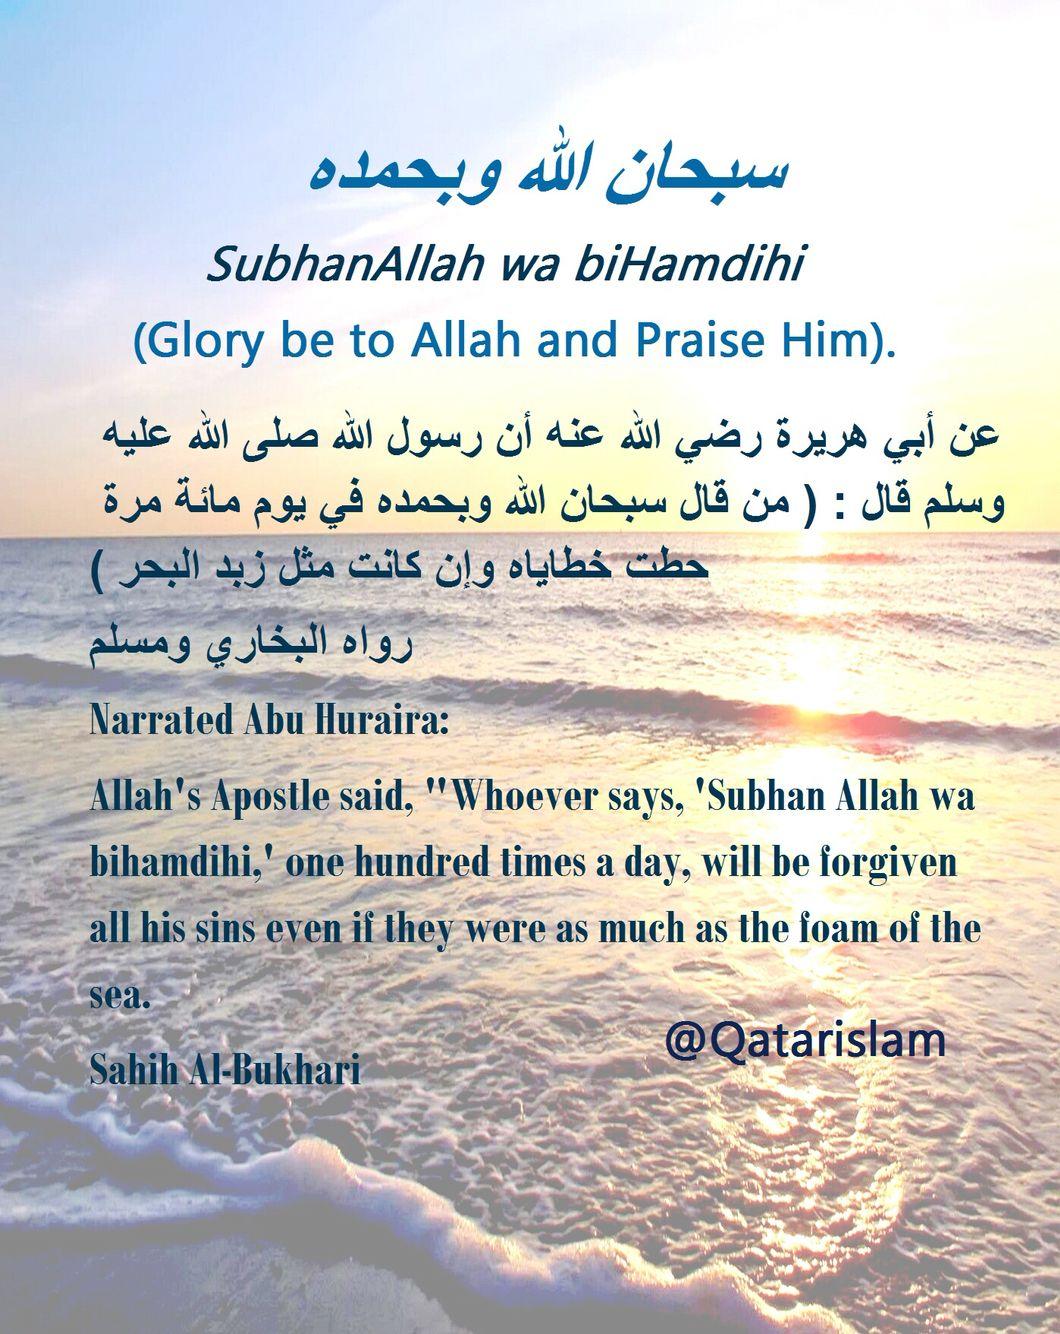 Subhan Allah Islam Hadith Islam Hadith Allah Islam Hadith